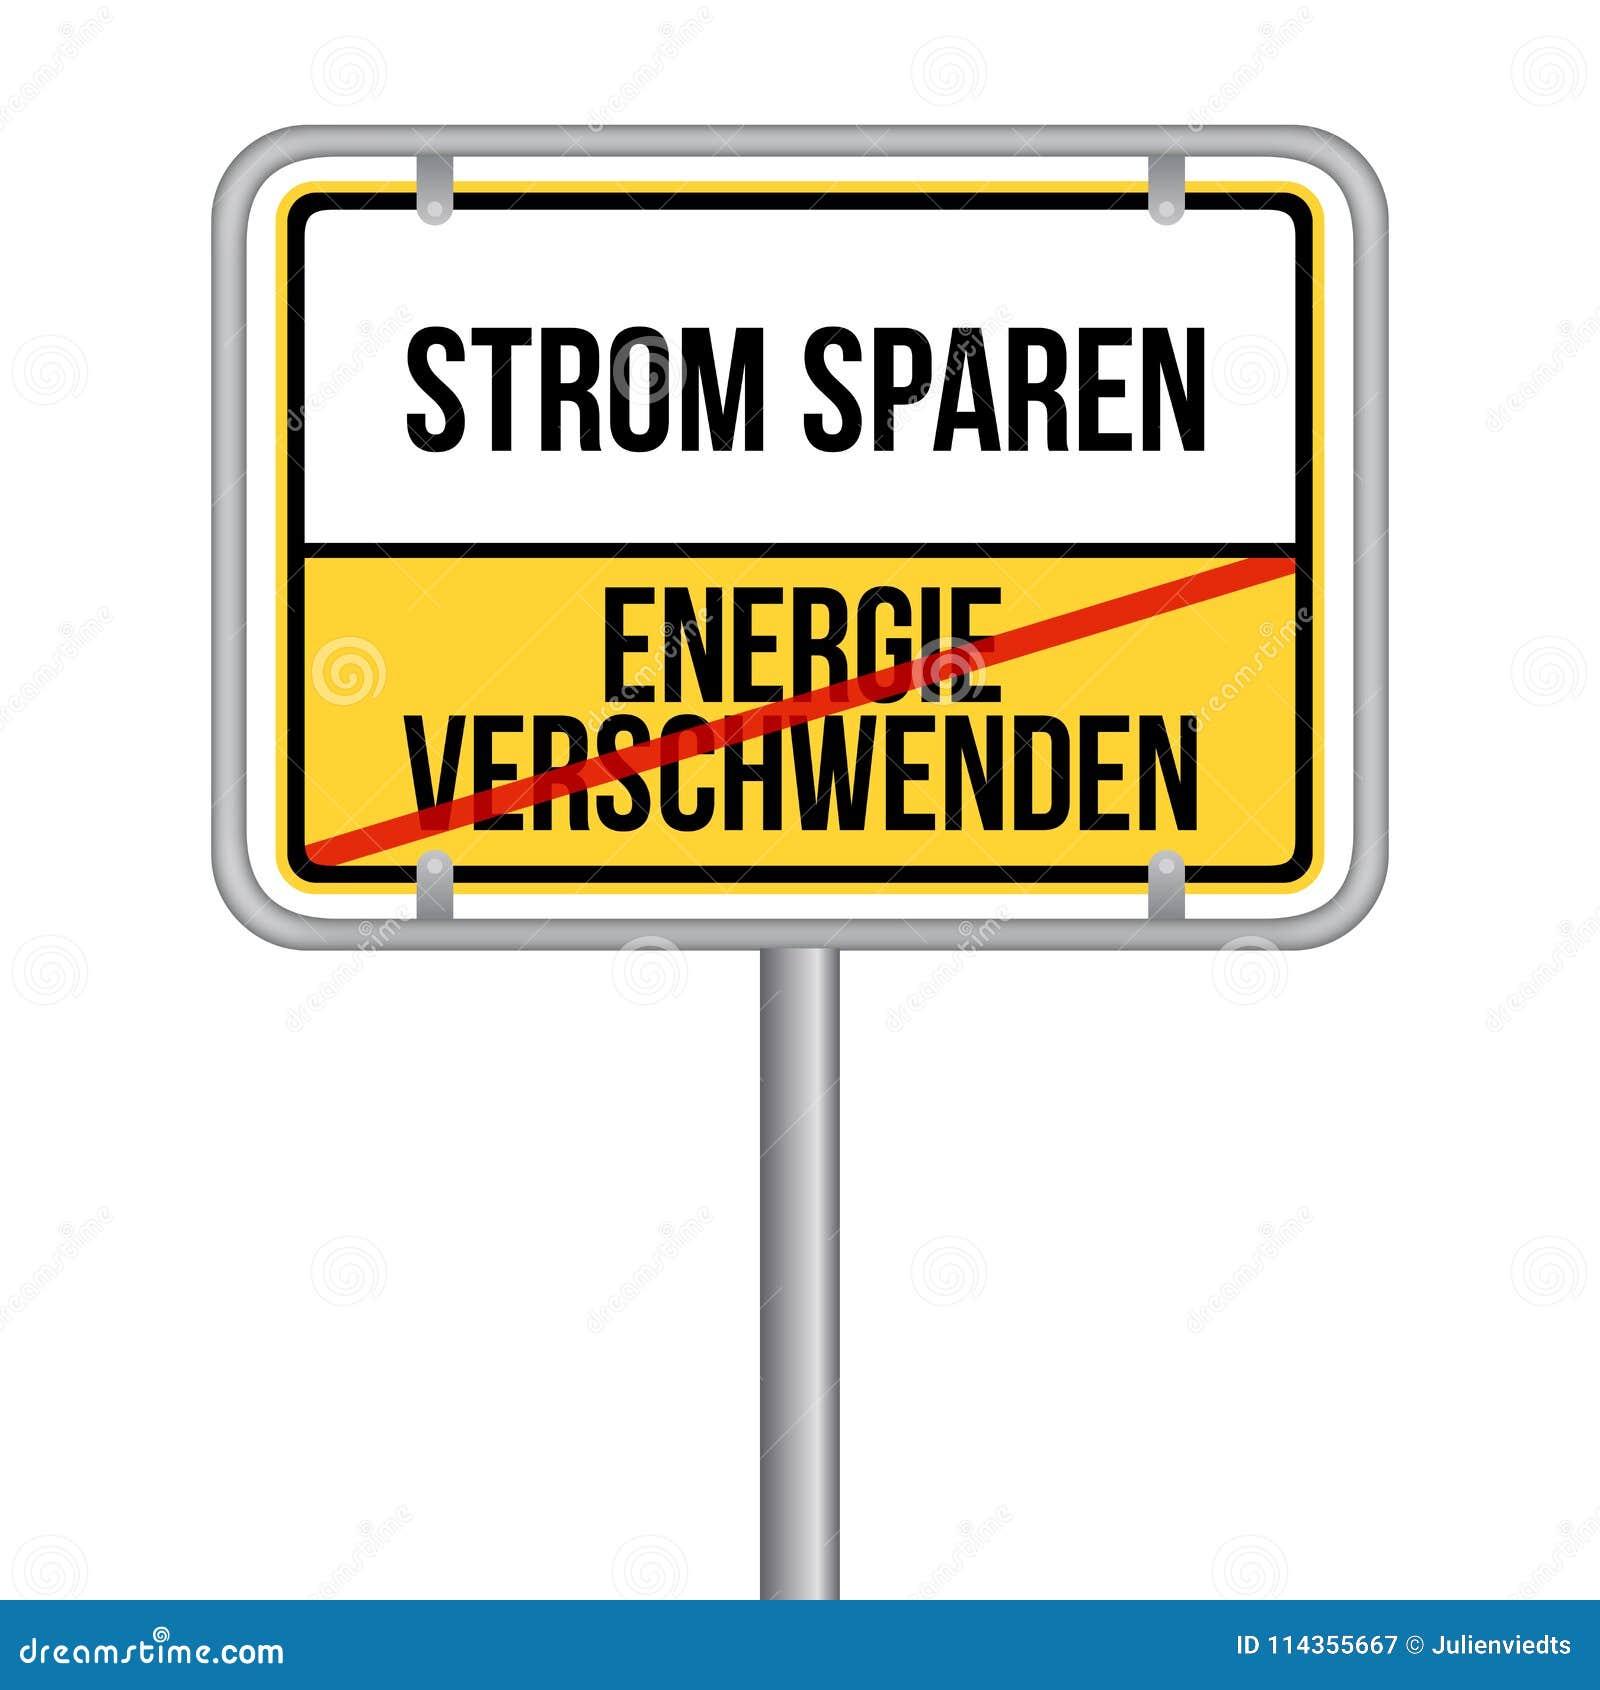 Strom sparen Schild - Keine Energie verschwenden